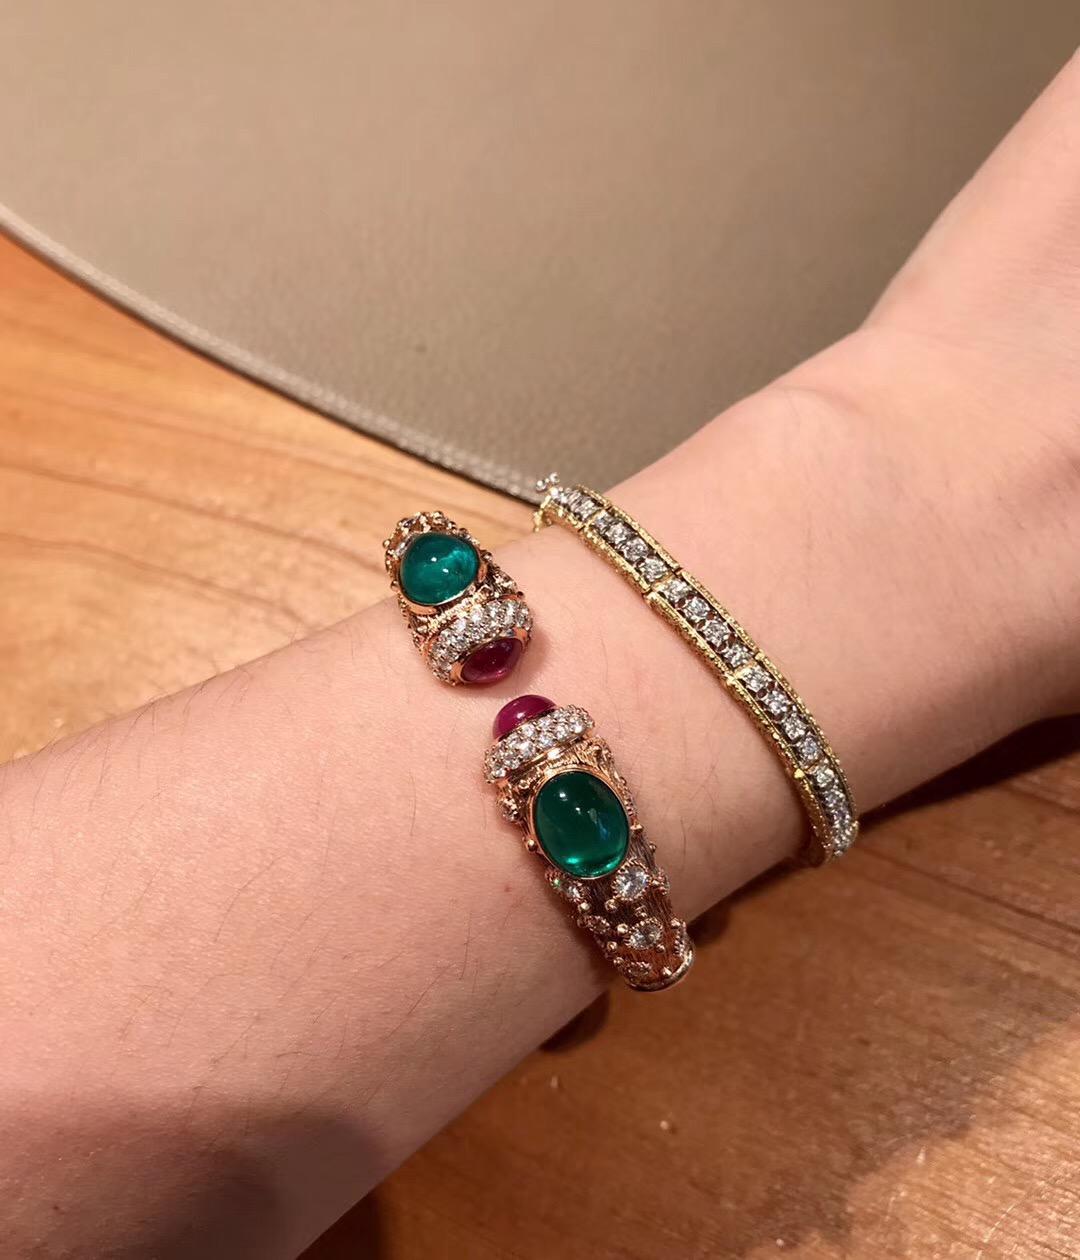 『玥翠』与众不同 古董珠宝女士18k黄金素面祖母绿红宝石钻石手镯